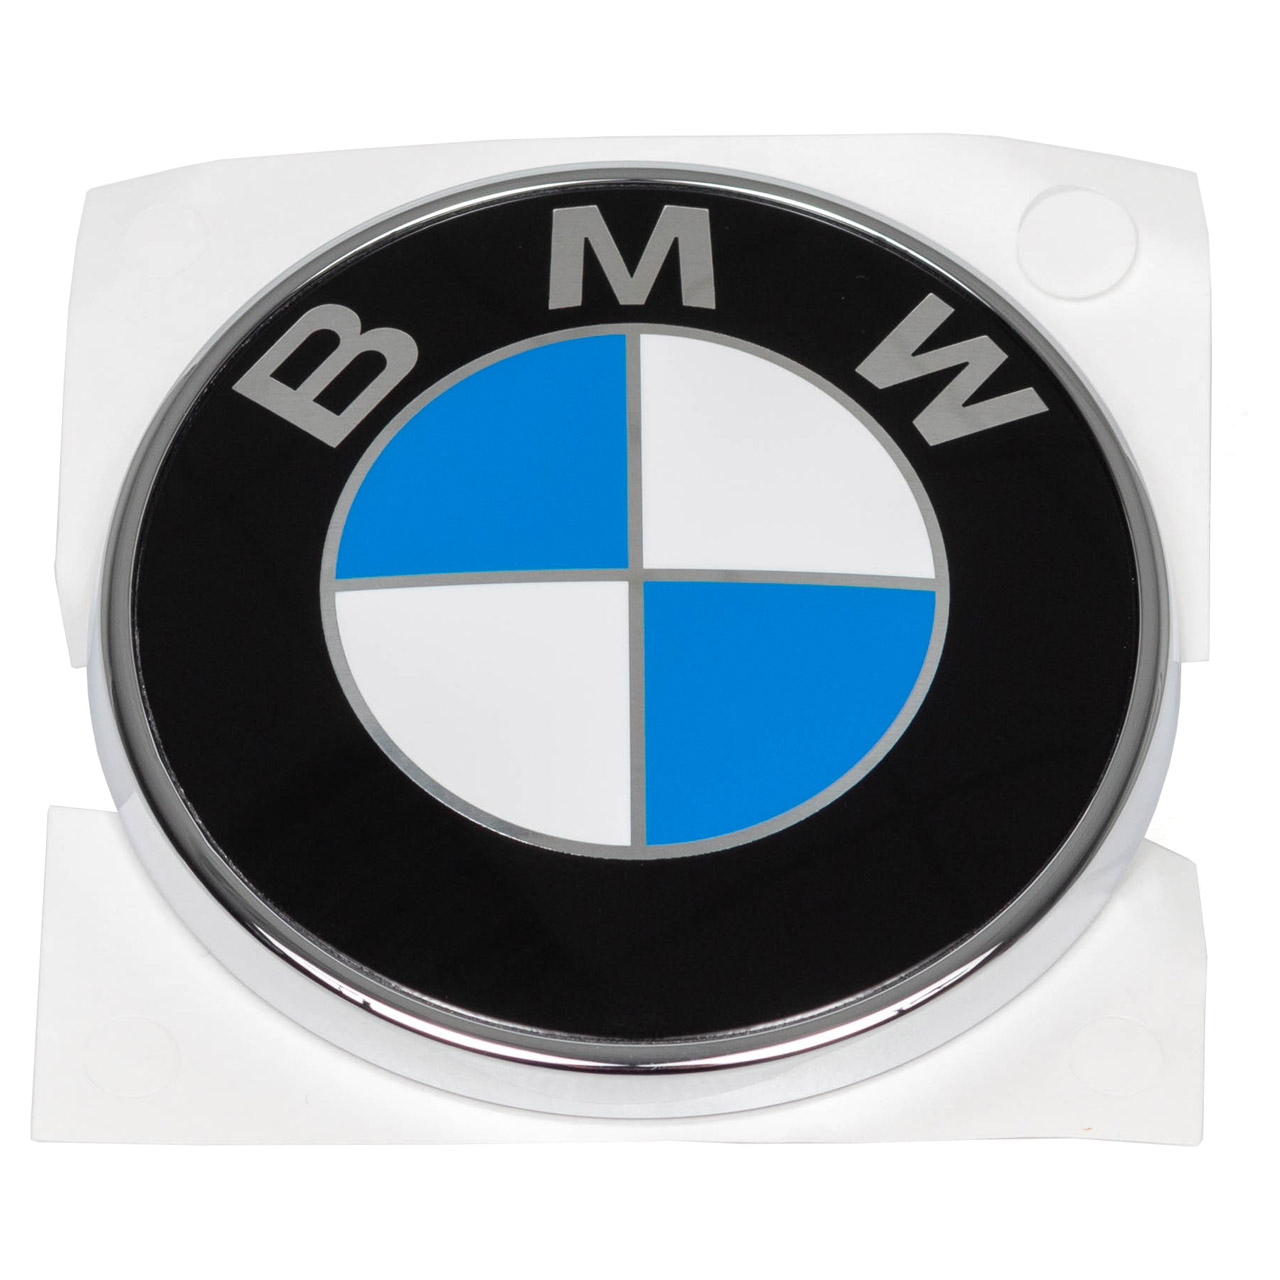 ORIGINAL BMW Emblem Plakette Logo Heckklappe 1er E82 E88 51147166445